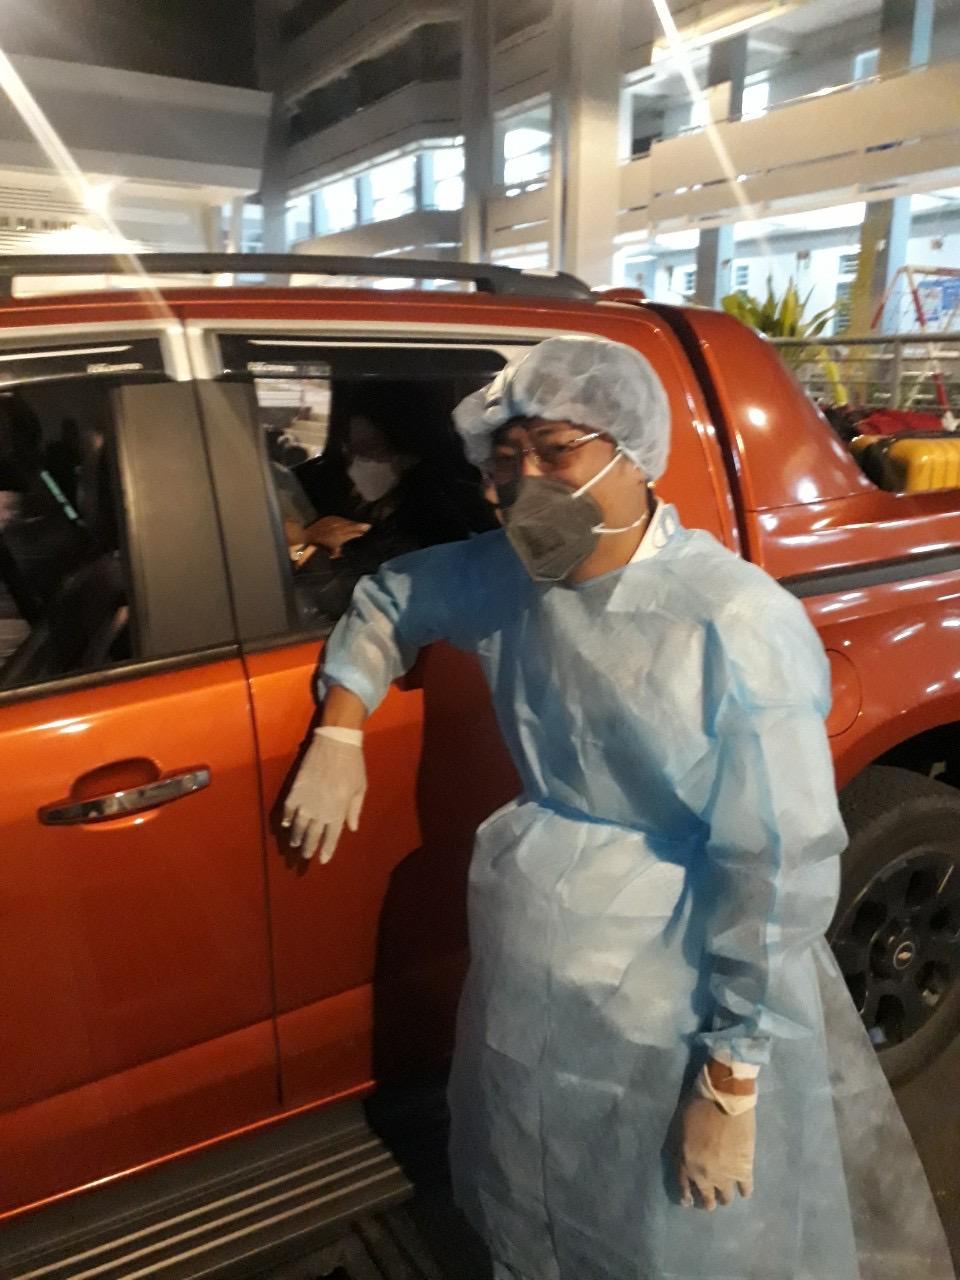 Ông Nguyễn Minh Trung bên chiếc xe mượn được vào giữa đêm, để đi đón một gia đình Hàn Quốc vừa đáp xuống sân bay Tân Sơn Nhất